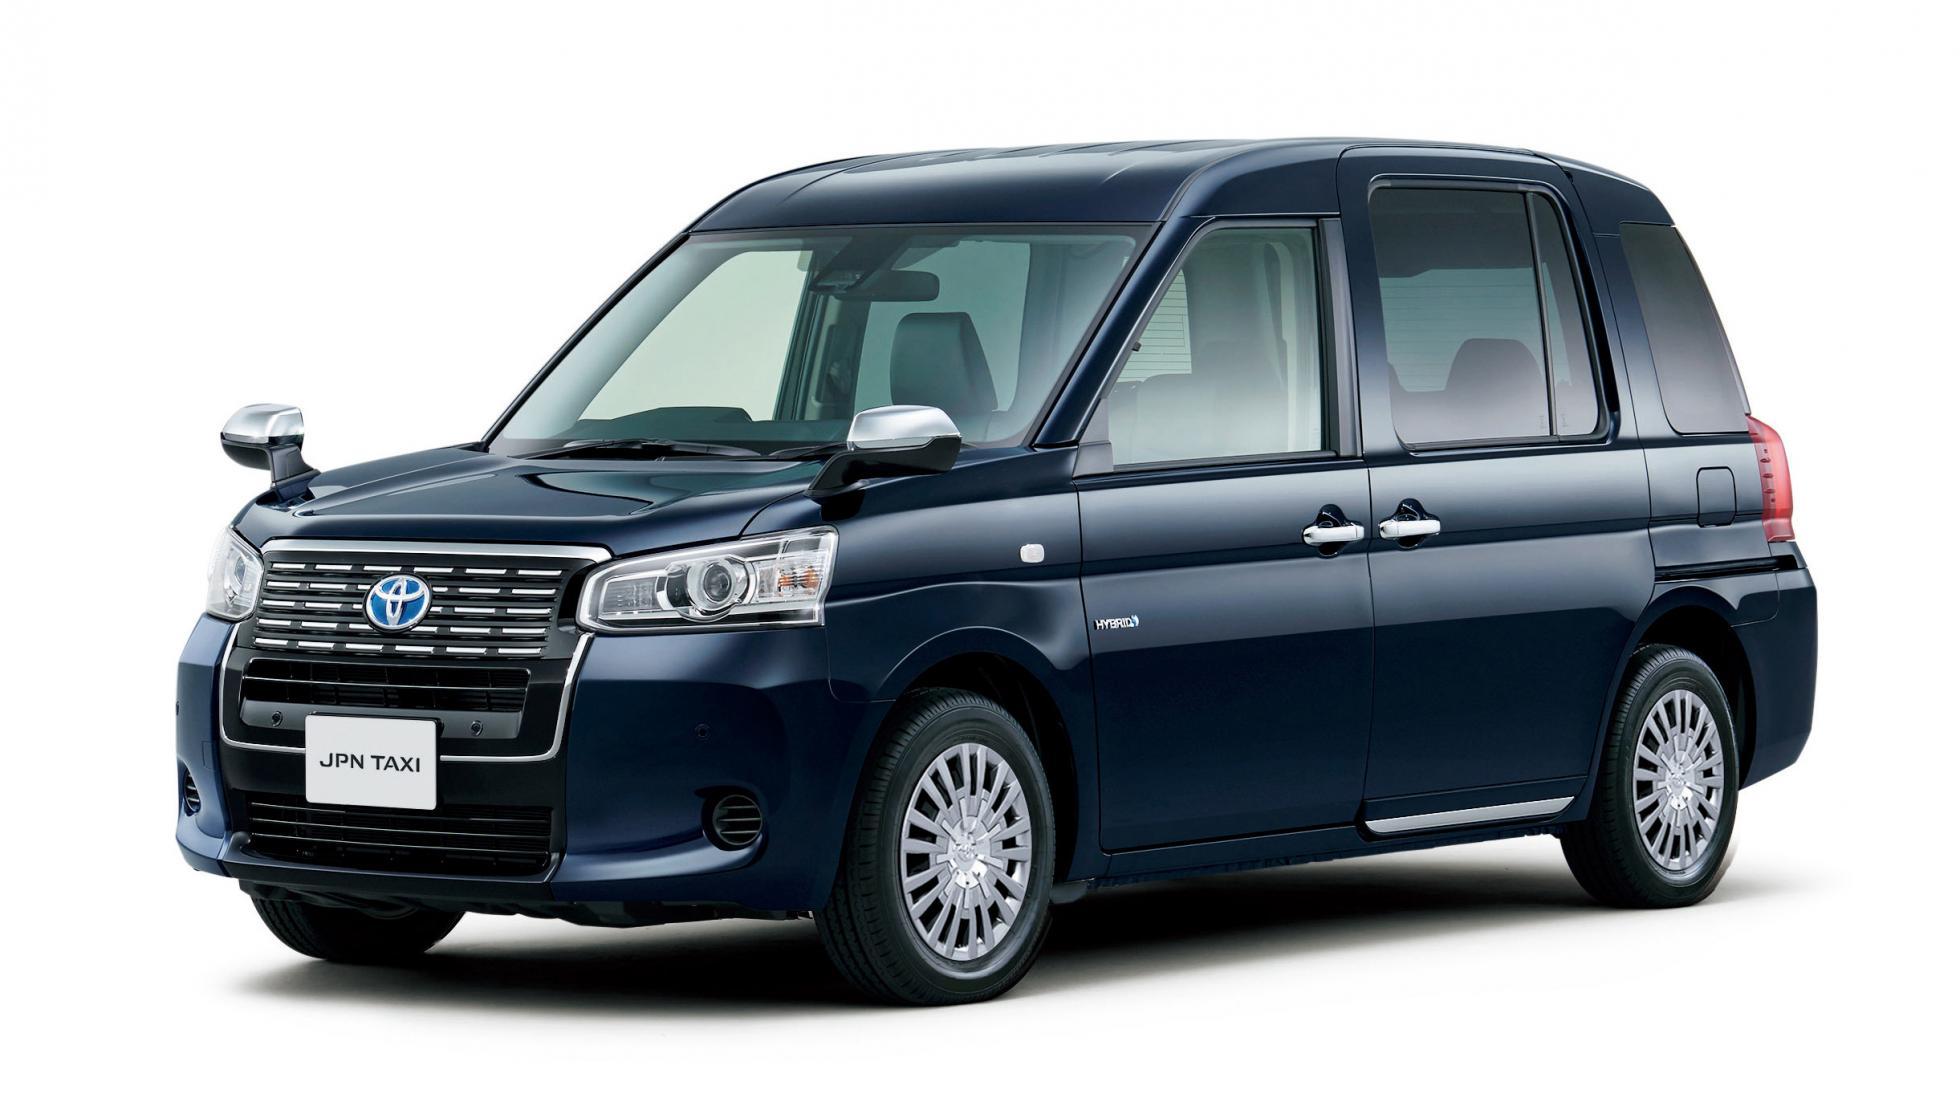 گذار سنت به مدرنیته در تاکسیهای ژاپنی